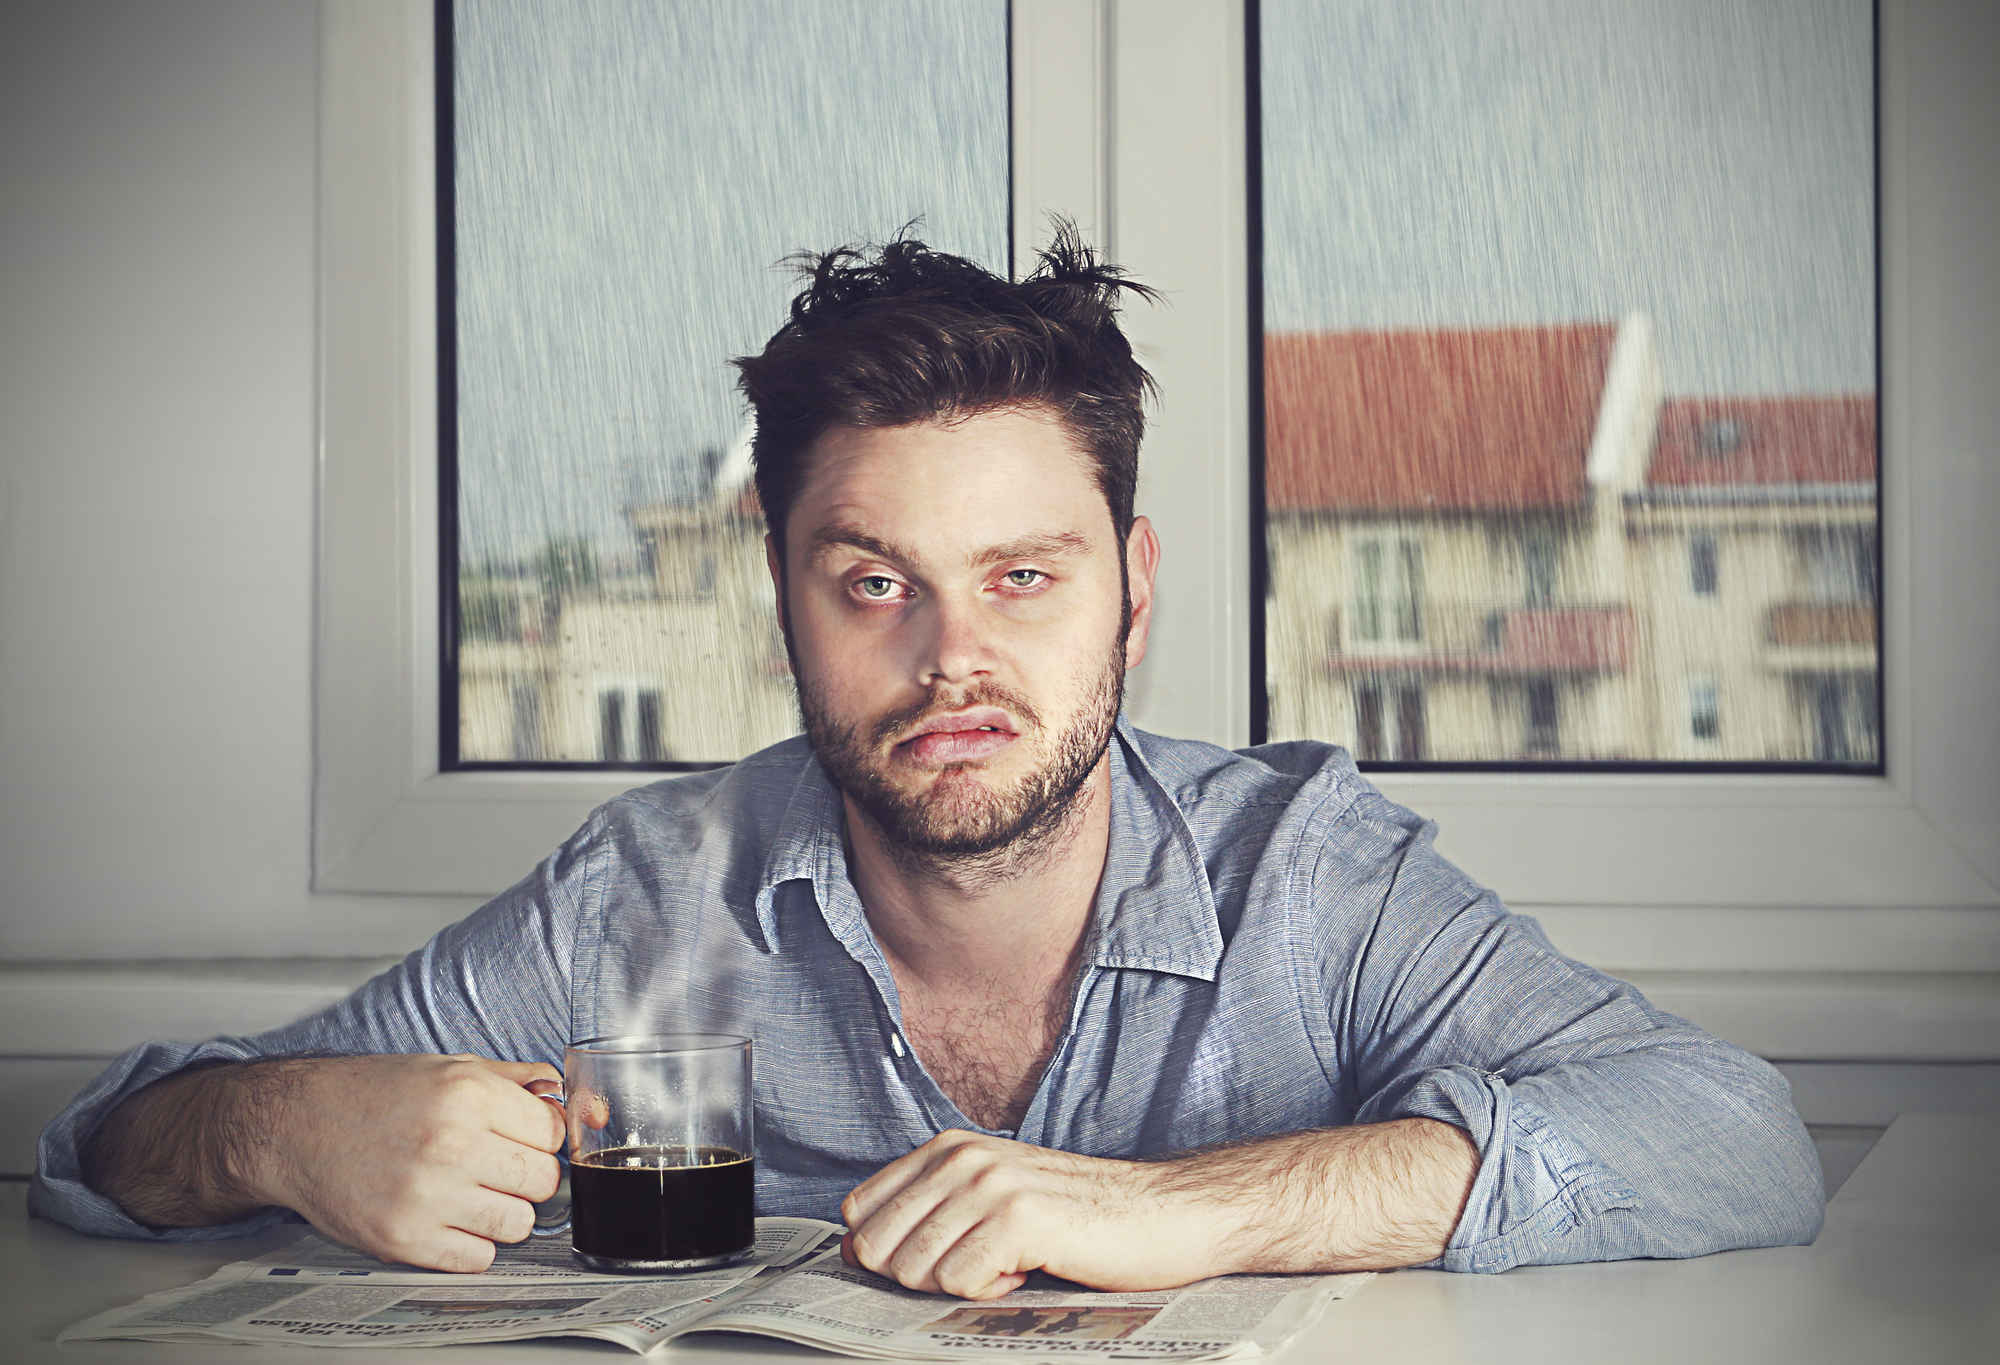 мужик с будуна, похмелье, алкоголь, утром болит голова